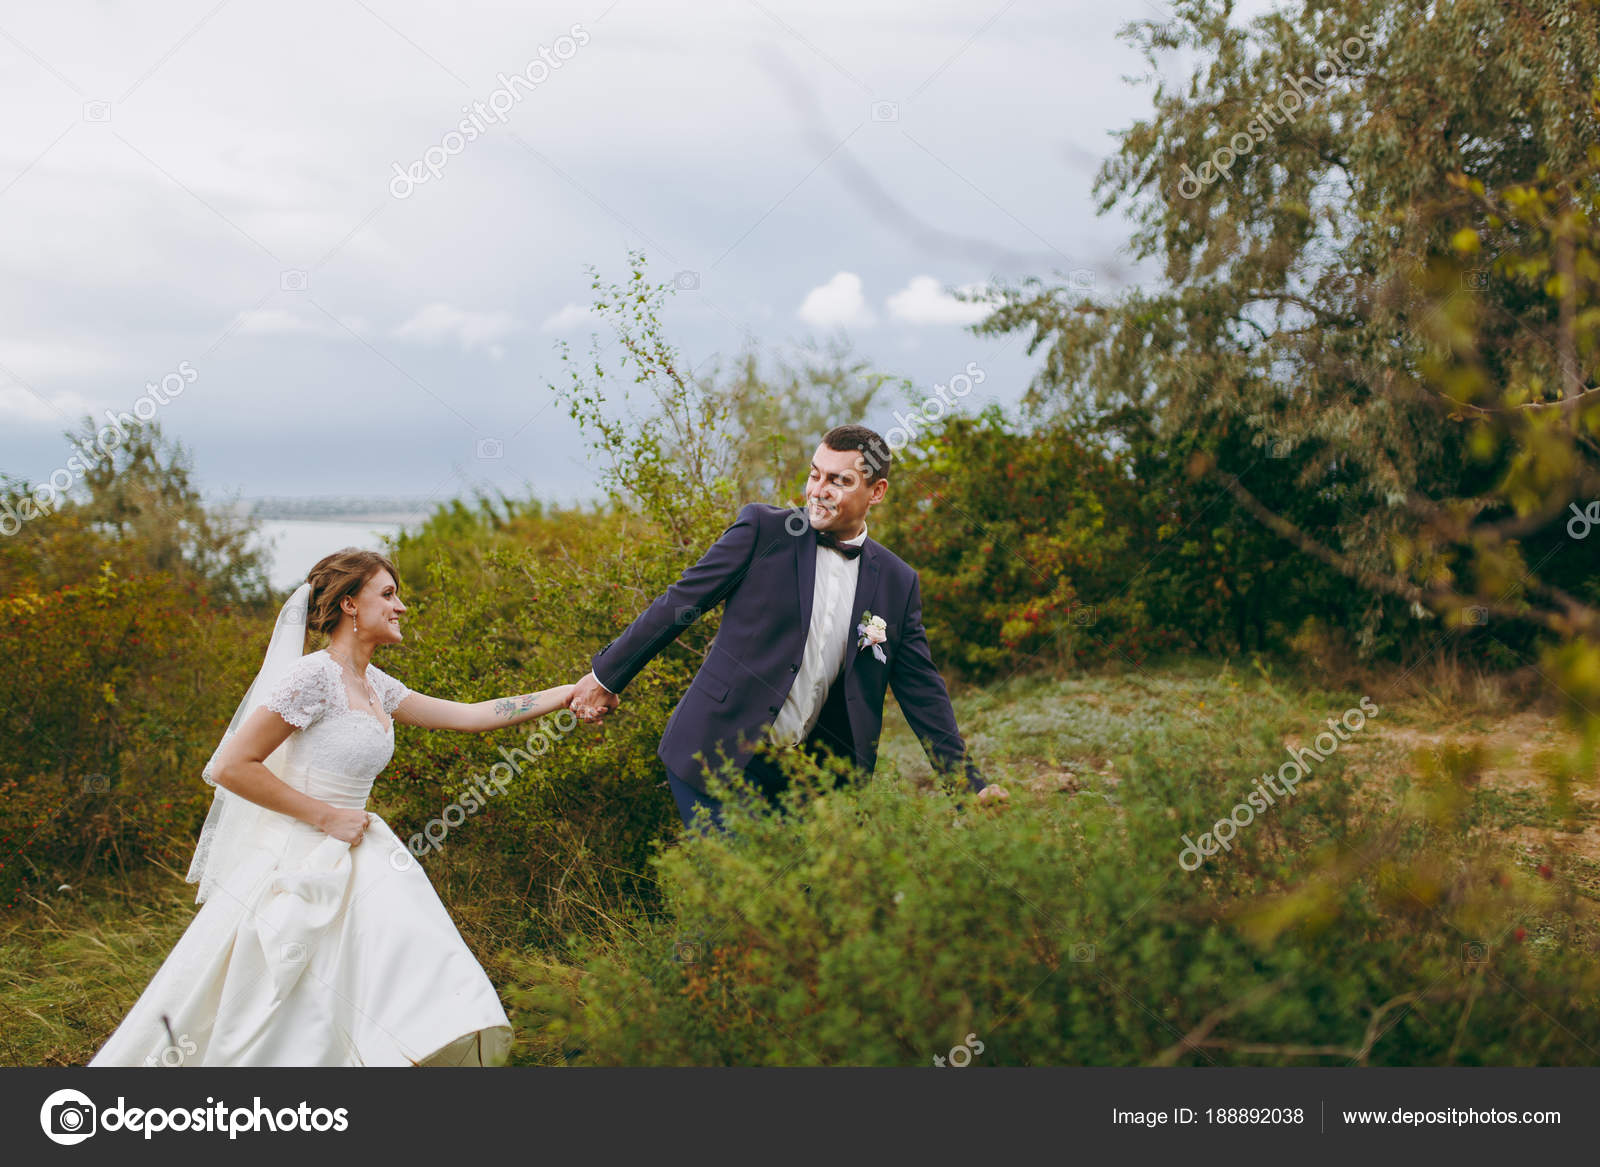 4d0ce12b013a8 Piękny ślub photosession. Przystojny pan młody niebieski garnitur formalne  i muszka z boutonniere i jego elegancki Panna Młoda w białej sukni i welonu  z ...